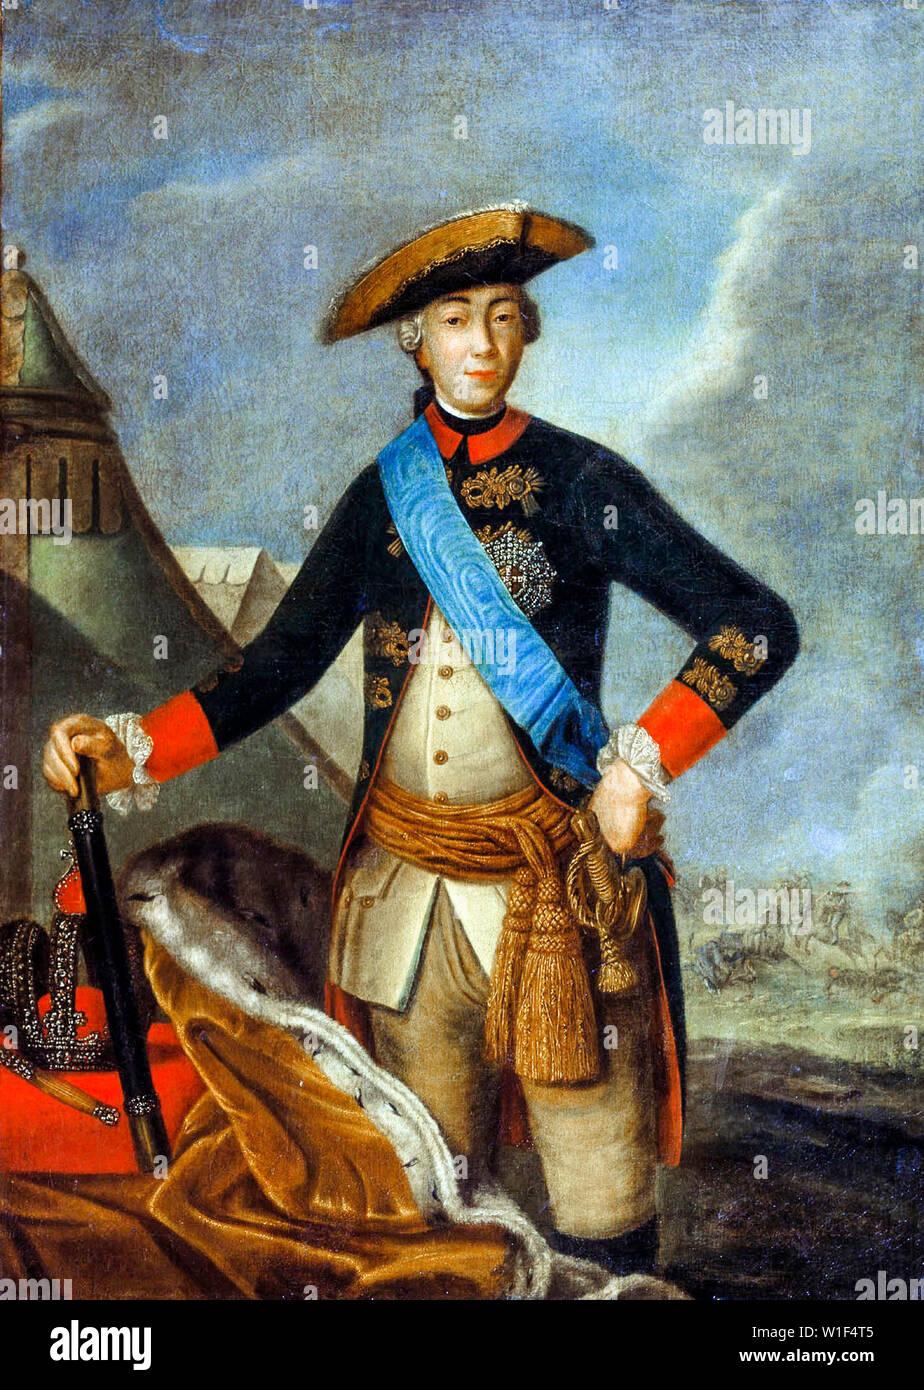 Fyodor Rokotov, Emperor Peter III of Russia, 1728-1762, portrait painting, 1762 - Stock Image